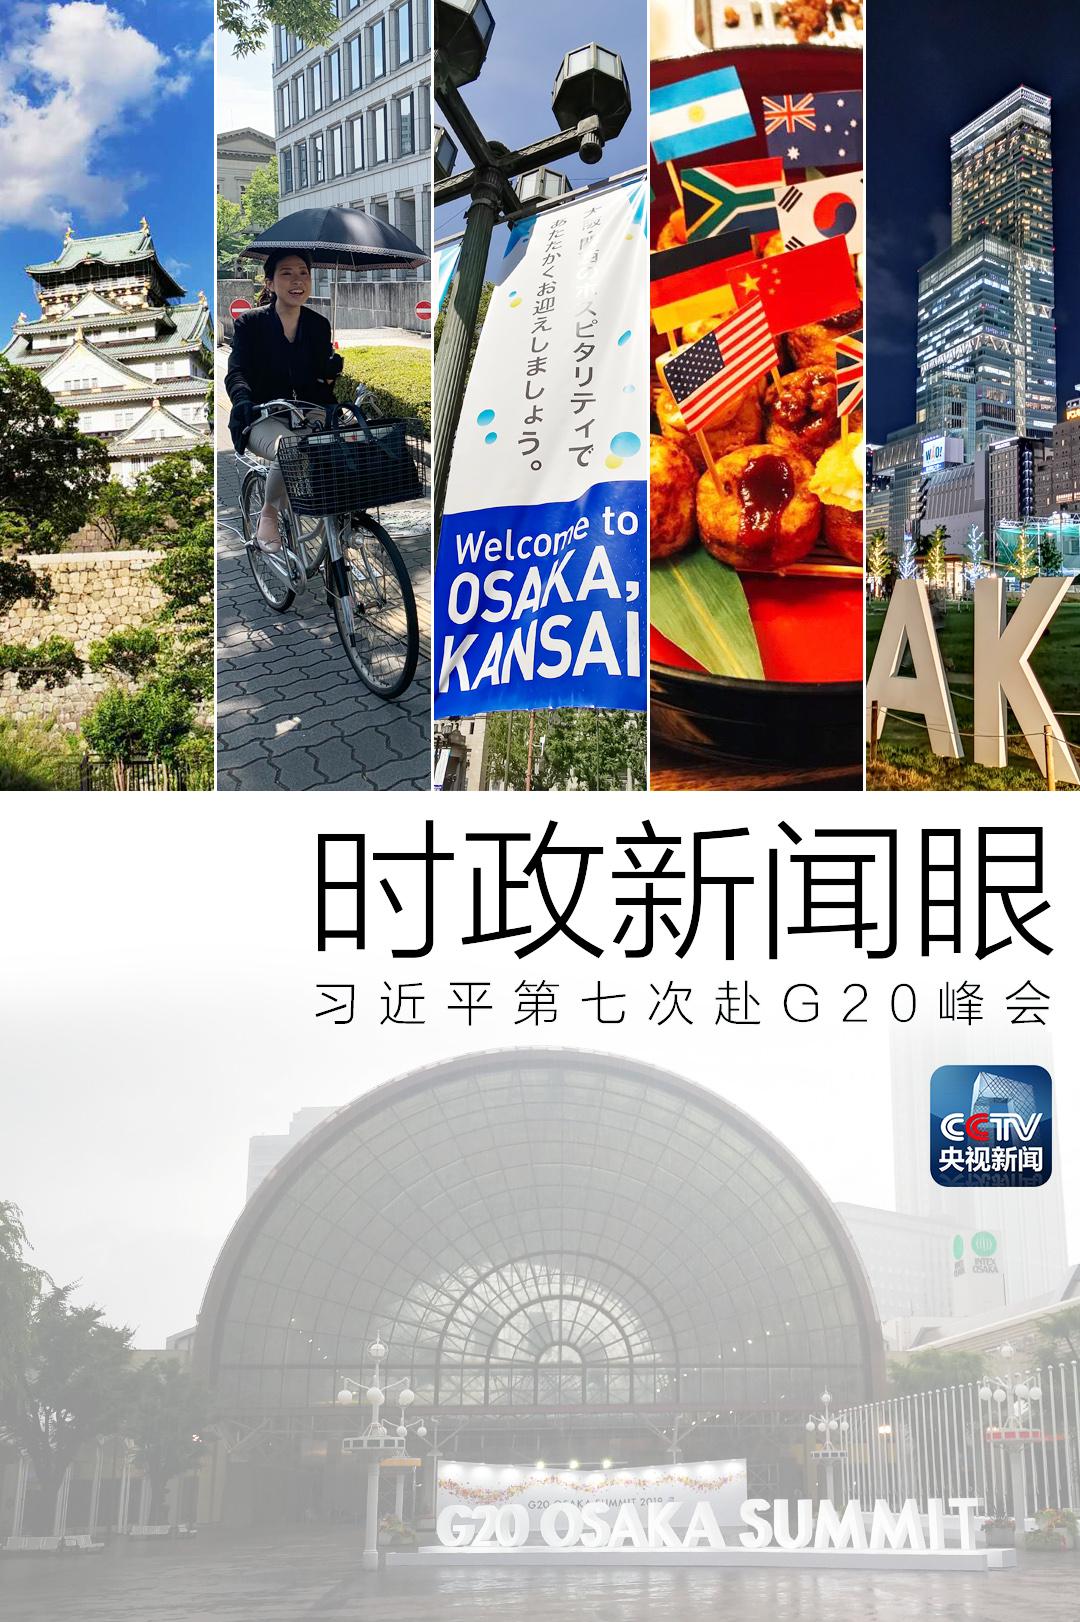 今年6月是元首外交的繁忙季节。27日上午,中国国家主席习近平的专机一月之内第四次从北京起飞,这一趟的目的地是日本大阪。这一月,从西到东,习主席的专机画出了一幅大有深意的航迹图。从27日到29日,他在大阪的三天行程也鲜明体现中国特色大国外交的宏图大略。